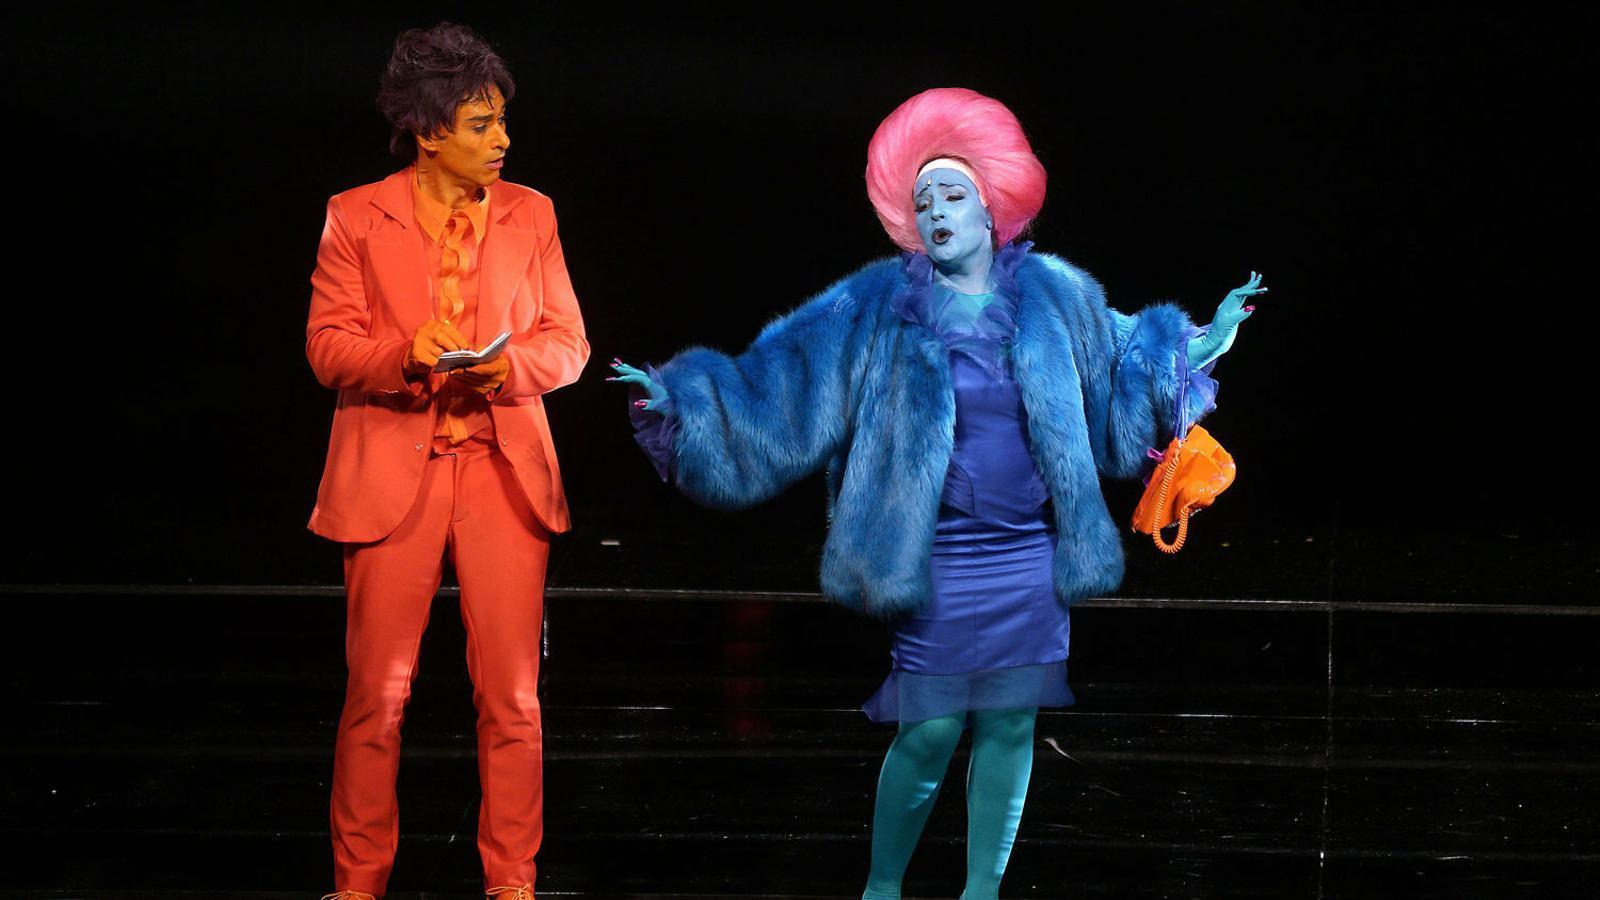 Una òpera contemporània amb humor i color